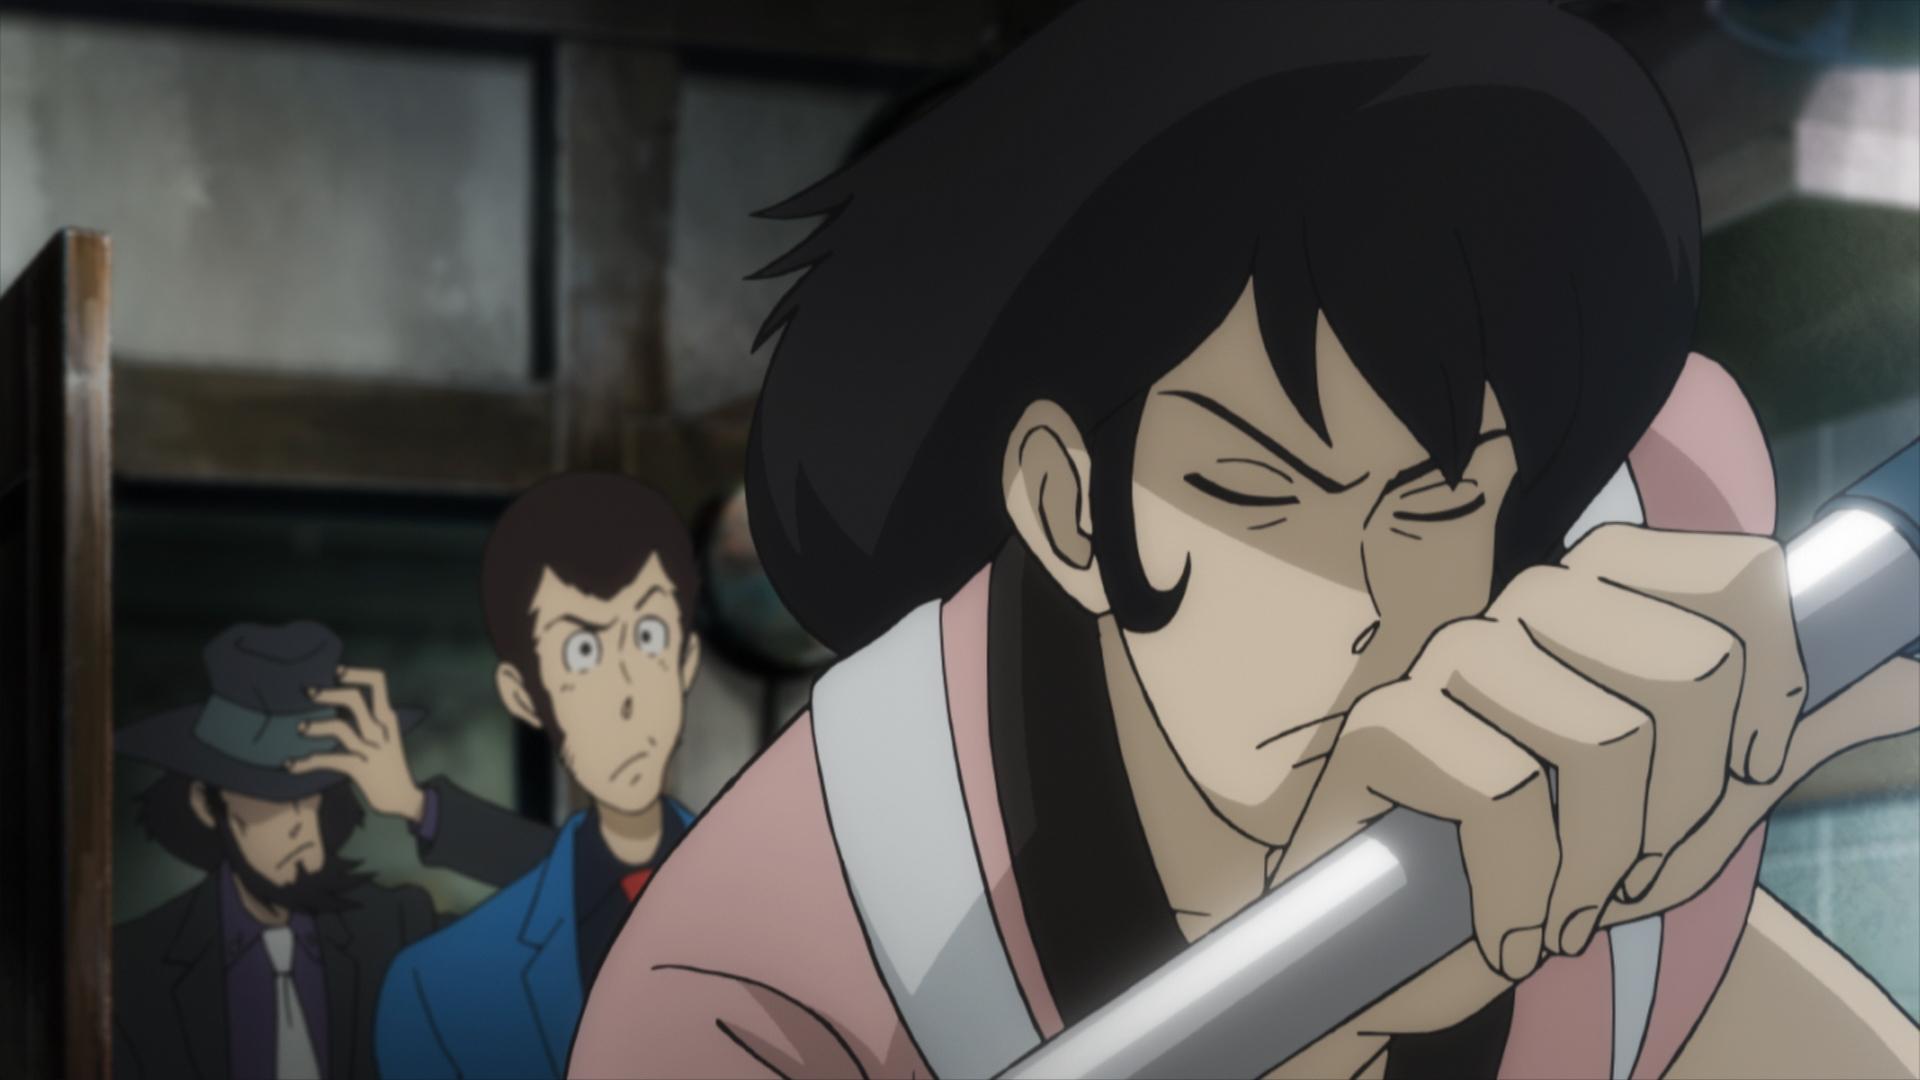 『ルパン三世 PART5』BD&DVD Vol.1のオーディオコメンタリーに、栗田貫一さん&小林清志さん出演-40